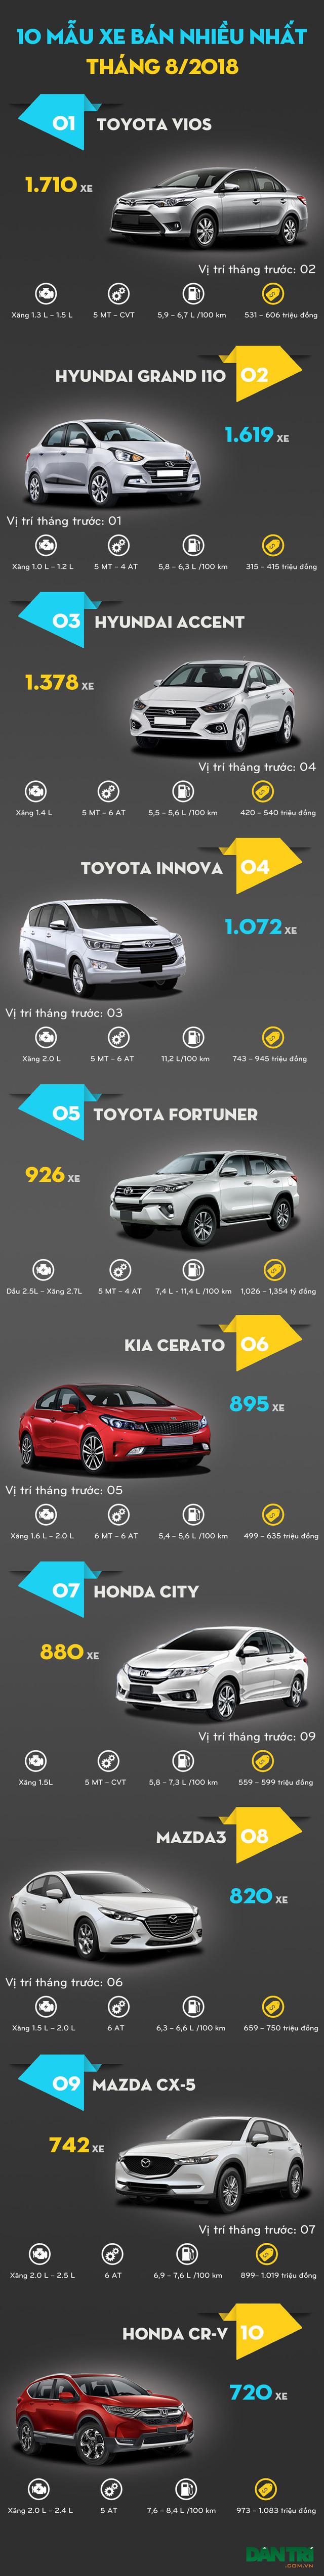 Top xe bán chạy nhất tháng 8/2018